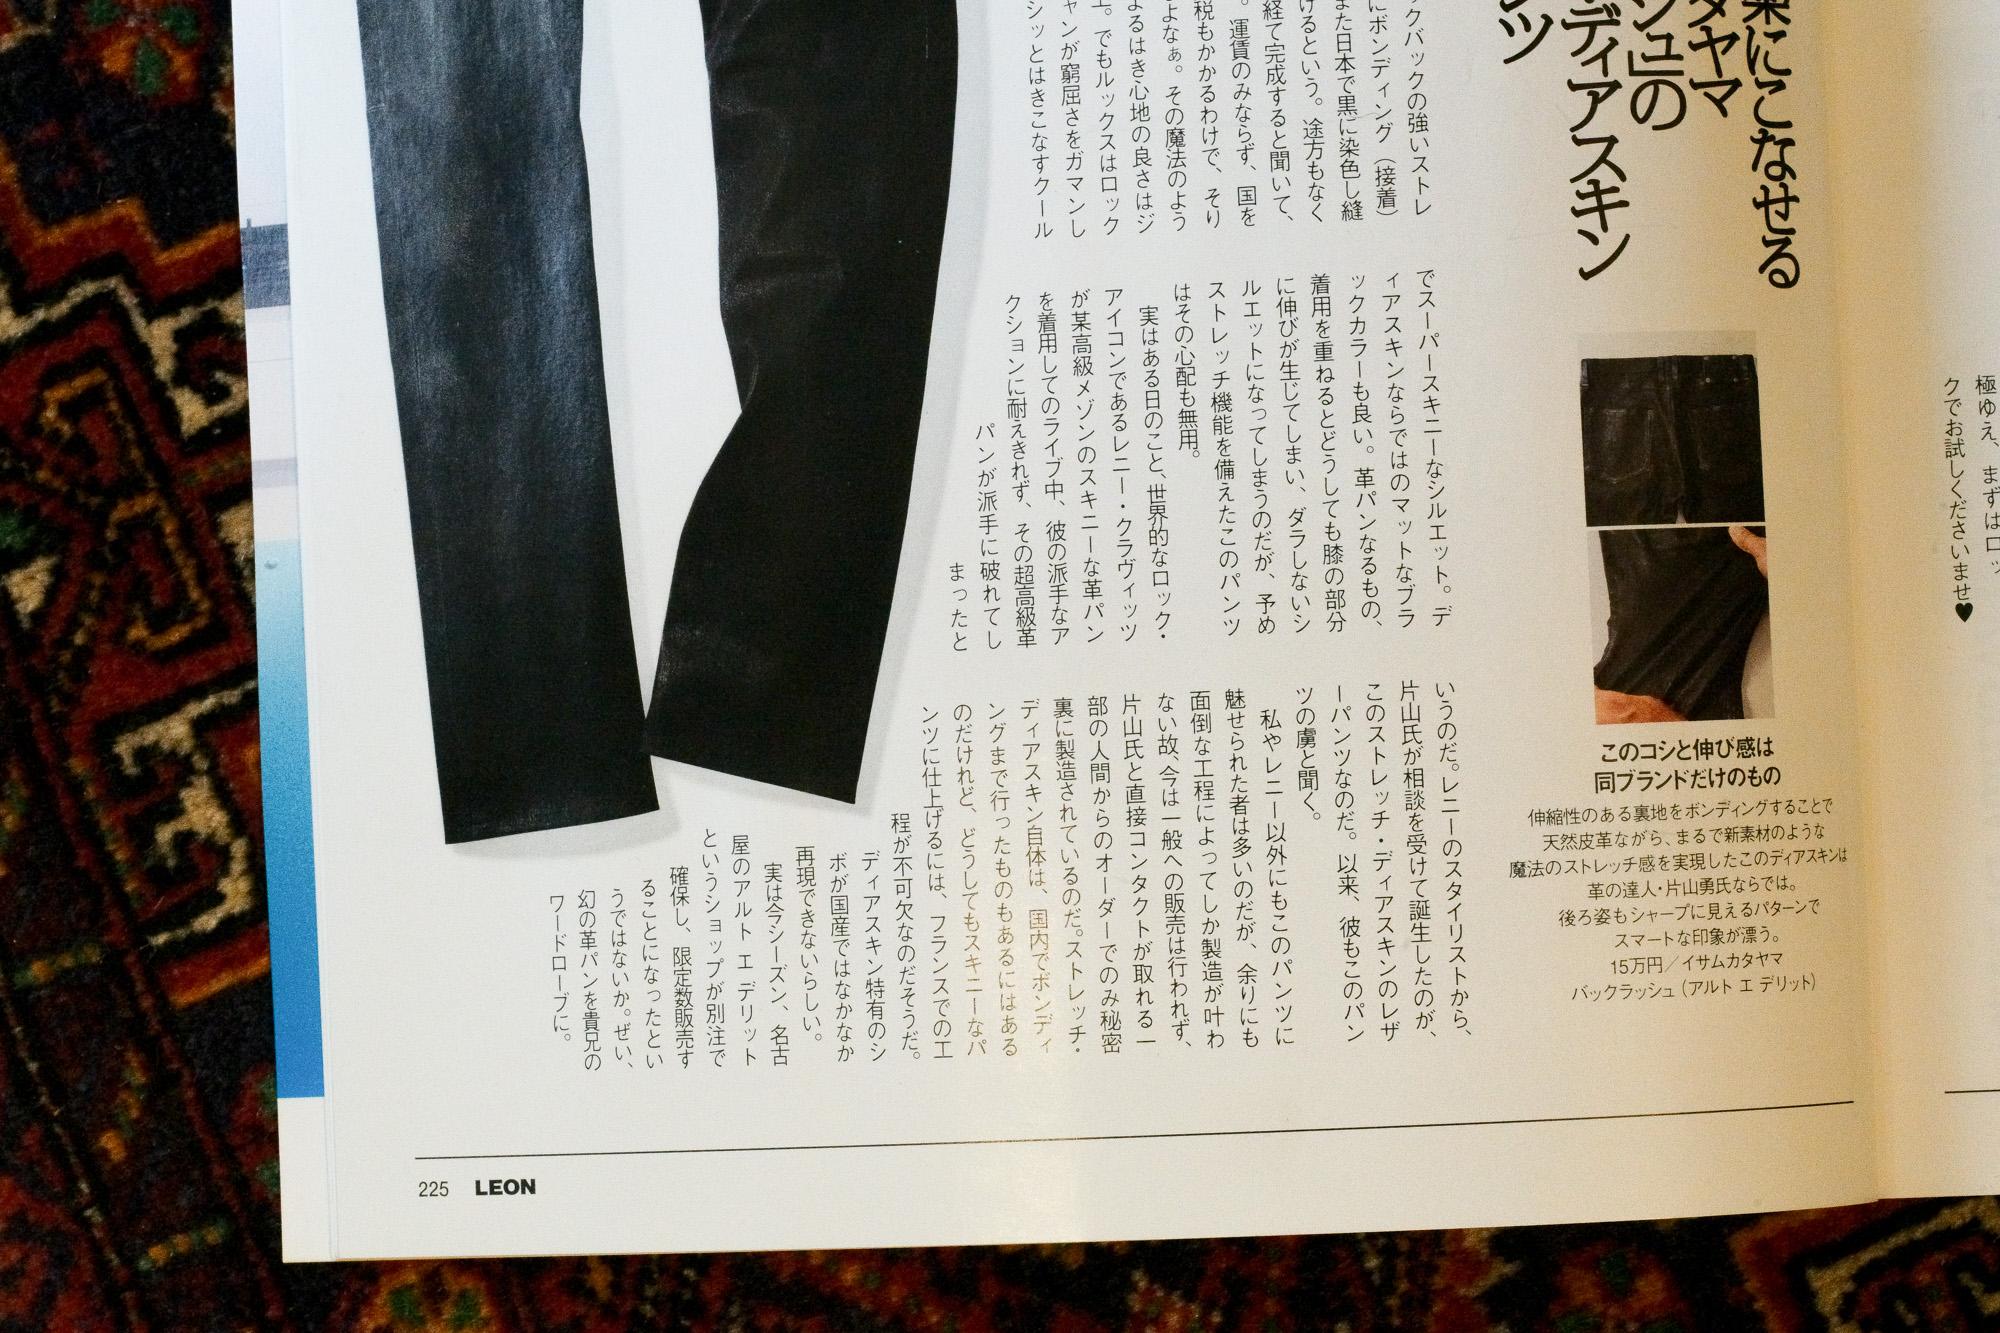 ISAMU KATAYAMA BACKLASH (イサムカタヤマ バックラッシュ) French Deerskin Stretch Pants (フレンチ ディアスキン ストレッチ パンツ) ディアスキン ストレッチ レザー スキニーパンツ BLACK (ブラック) MADE IN JAPAN (日本製) 2020 秋冬 isamukatayama 片山勇 愛知 名古屋 altoediritto アルトエデリット レザーパンツ レザーパンツコーデ 革パン 革パンコーデ